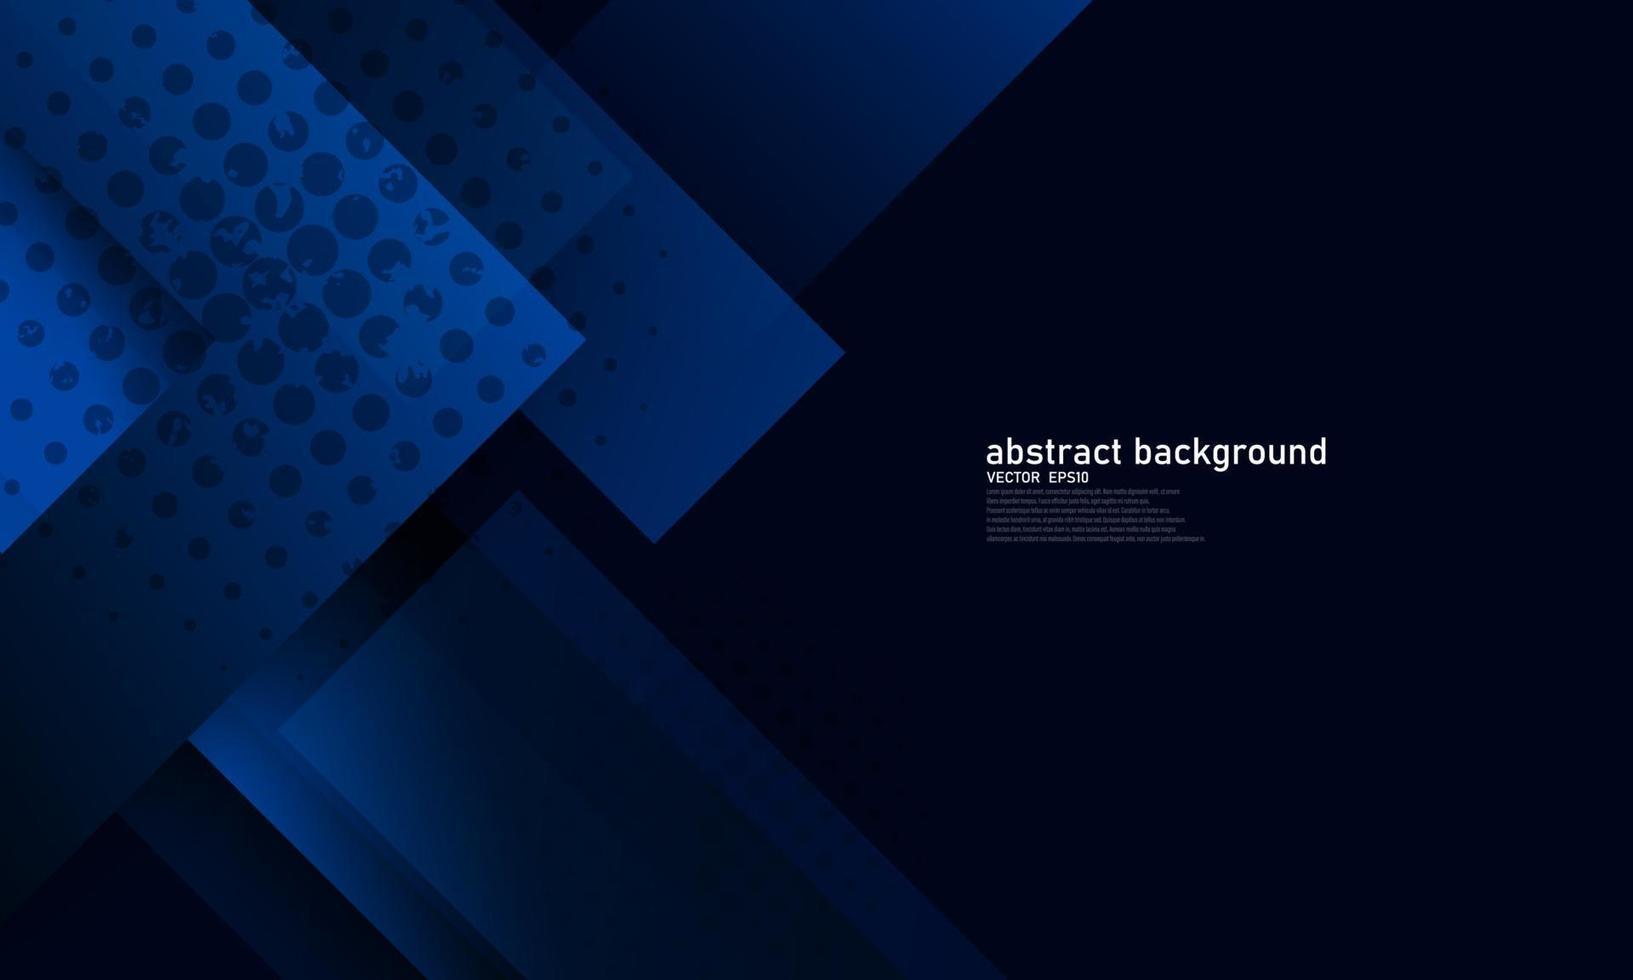 poster abstrato azul com dinâmica. tecnologia vetor